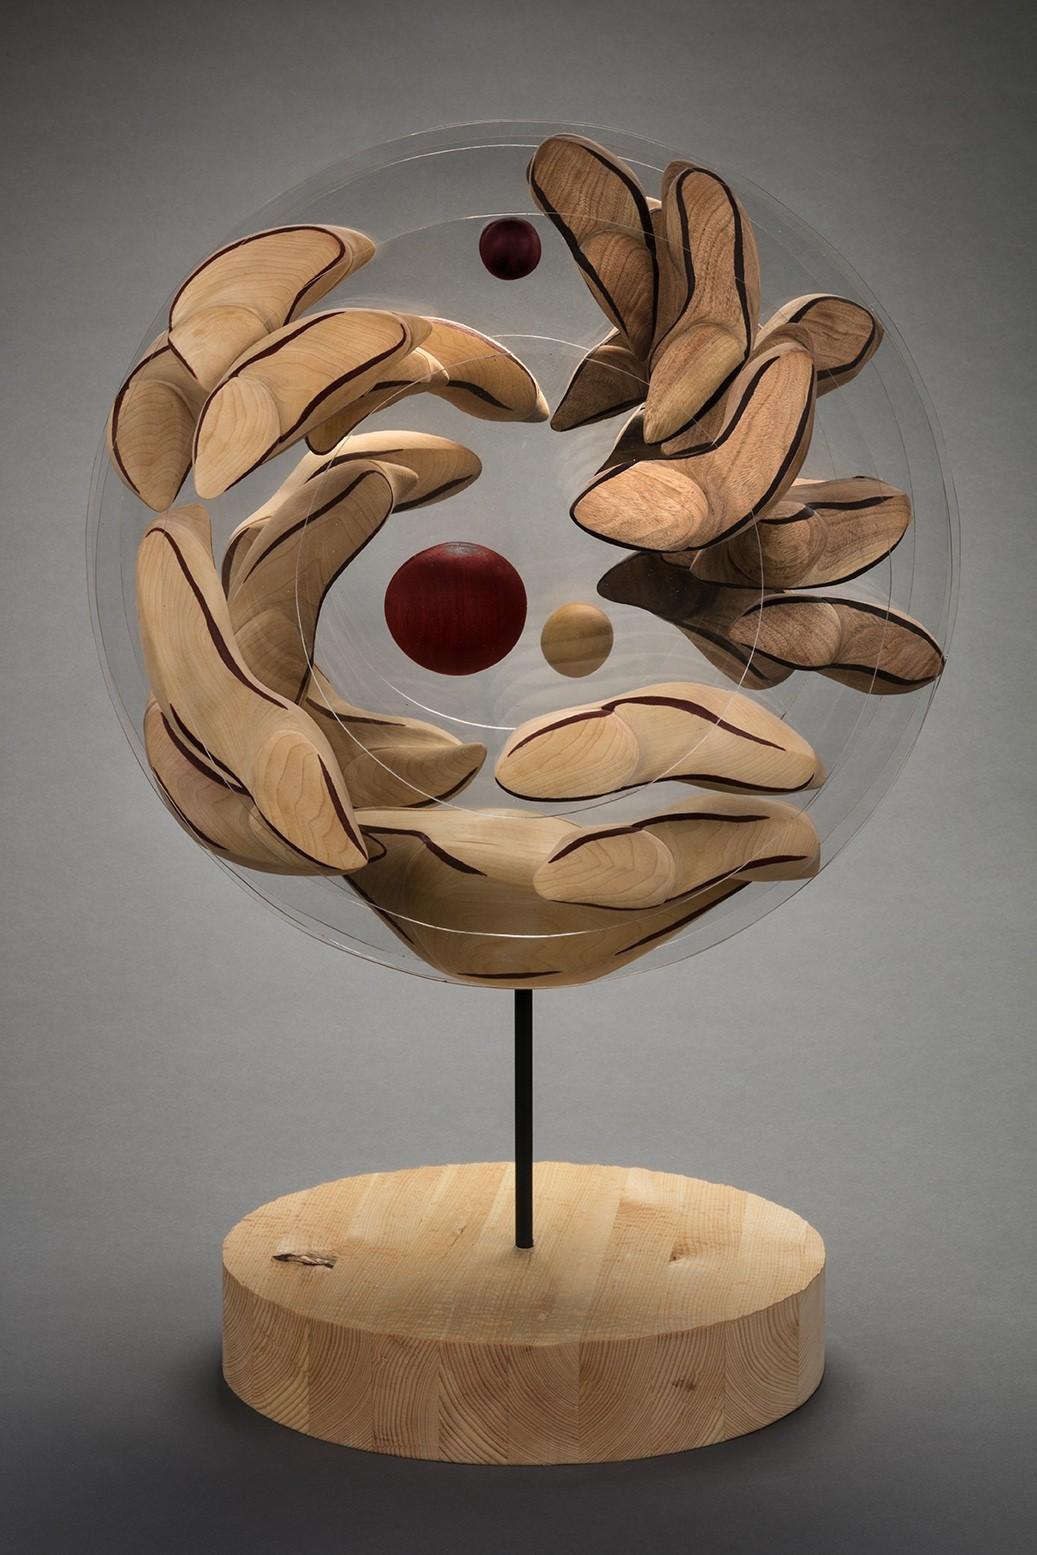 Terre des hommes 2067, de l'artiste François Lauzier, Sculpture, bois et acrylique, Création unique, dimension : 46 x 46 x 46 cm